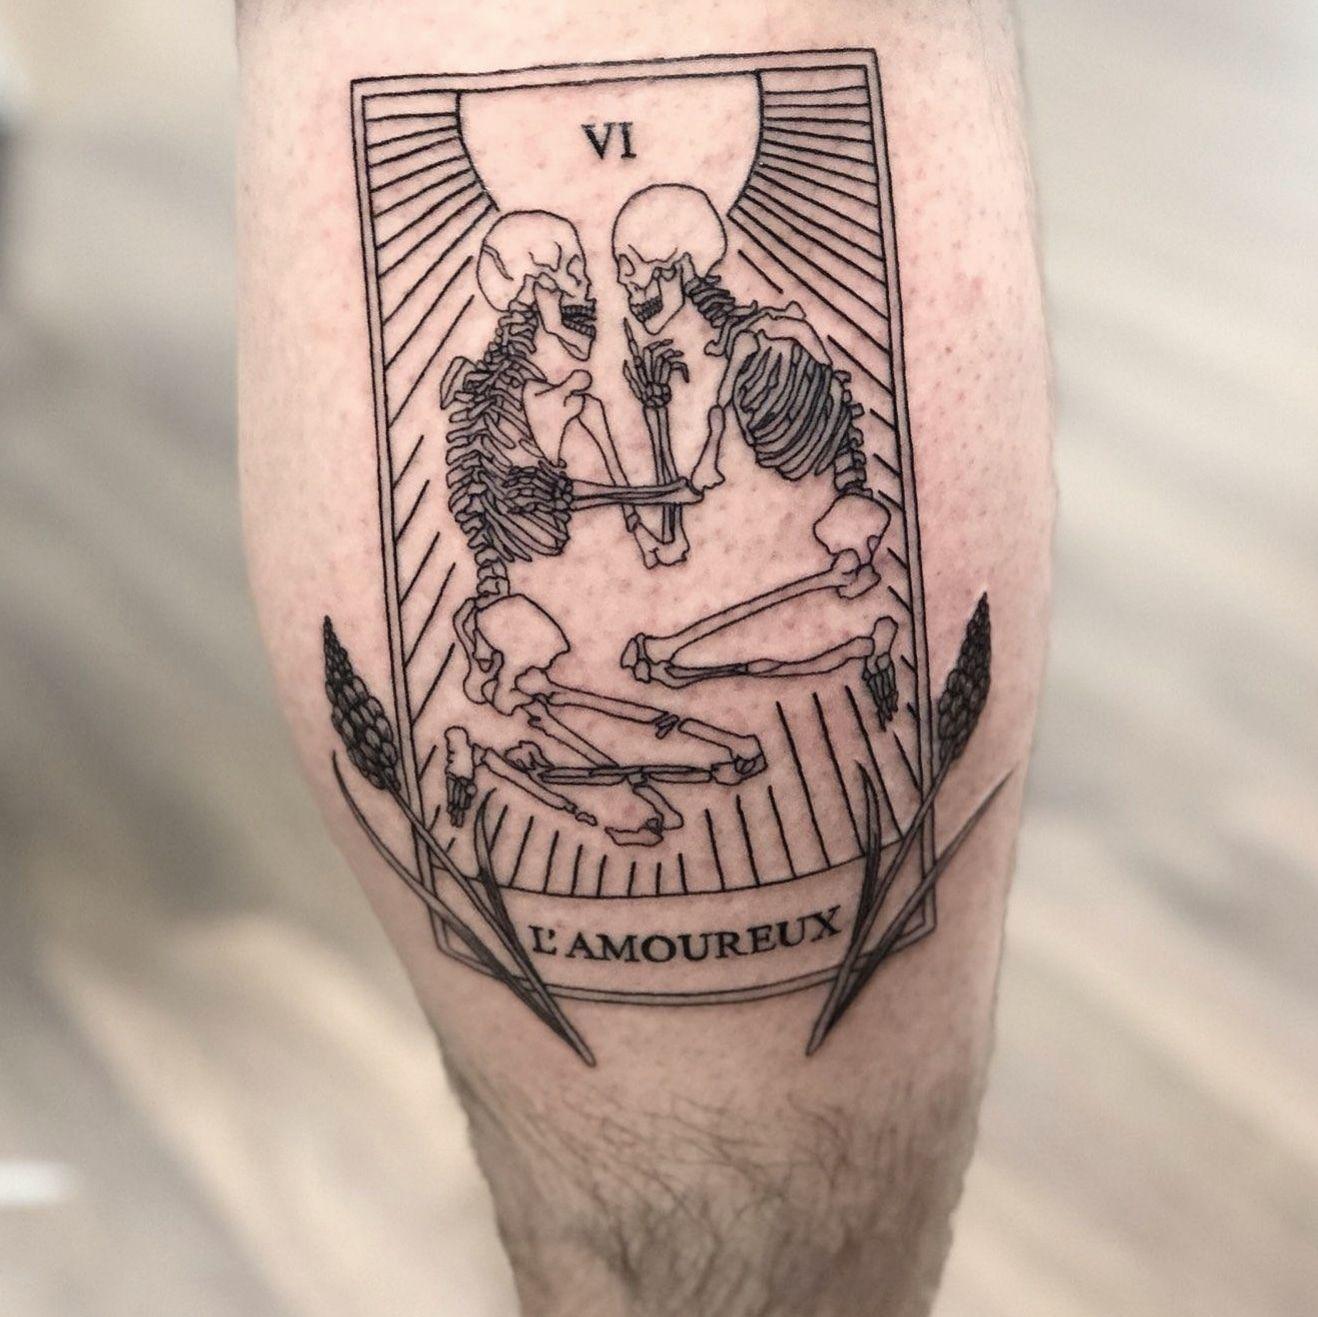 Seems posting tarot tattoos is the tarot tattoo